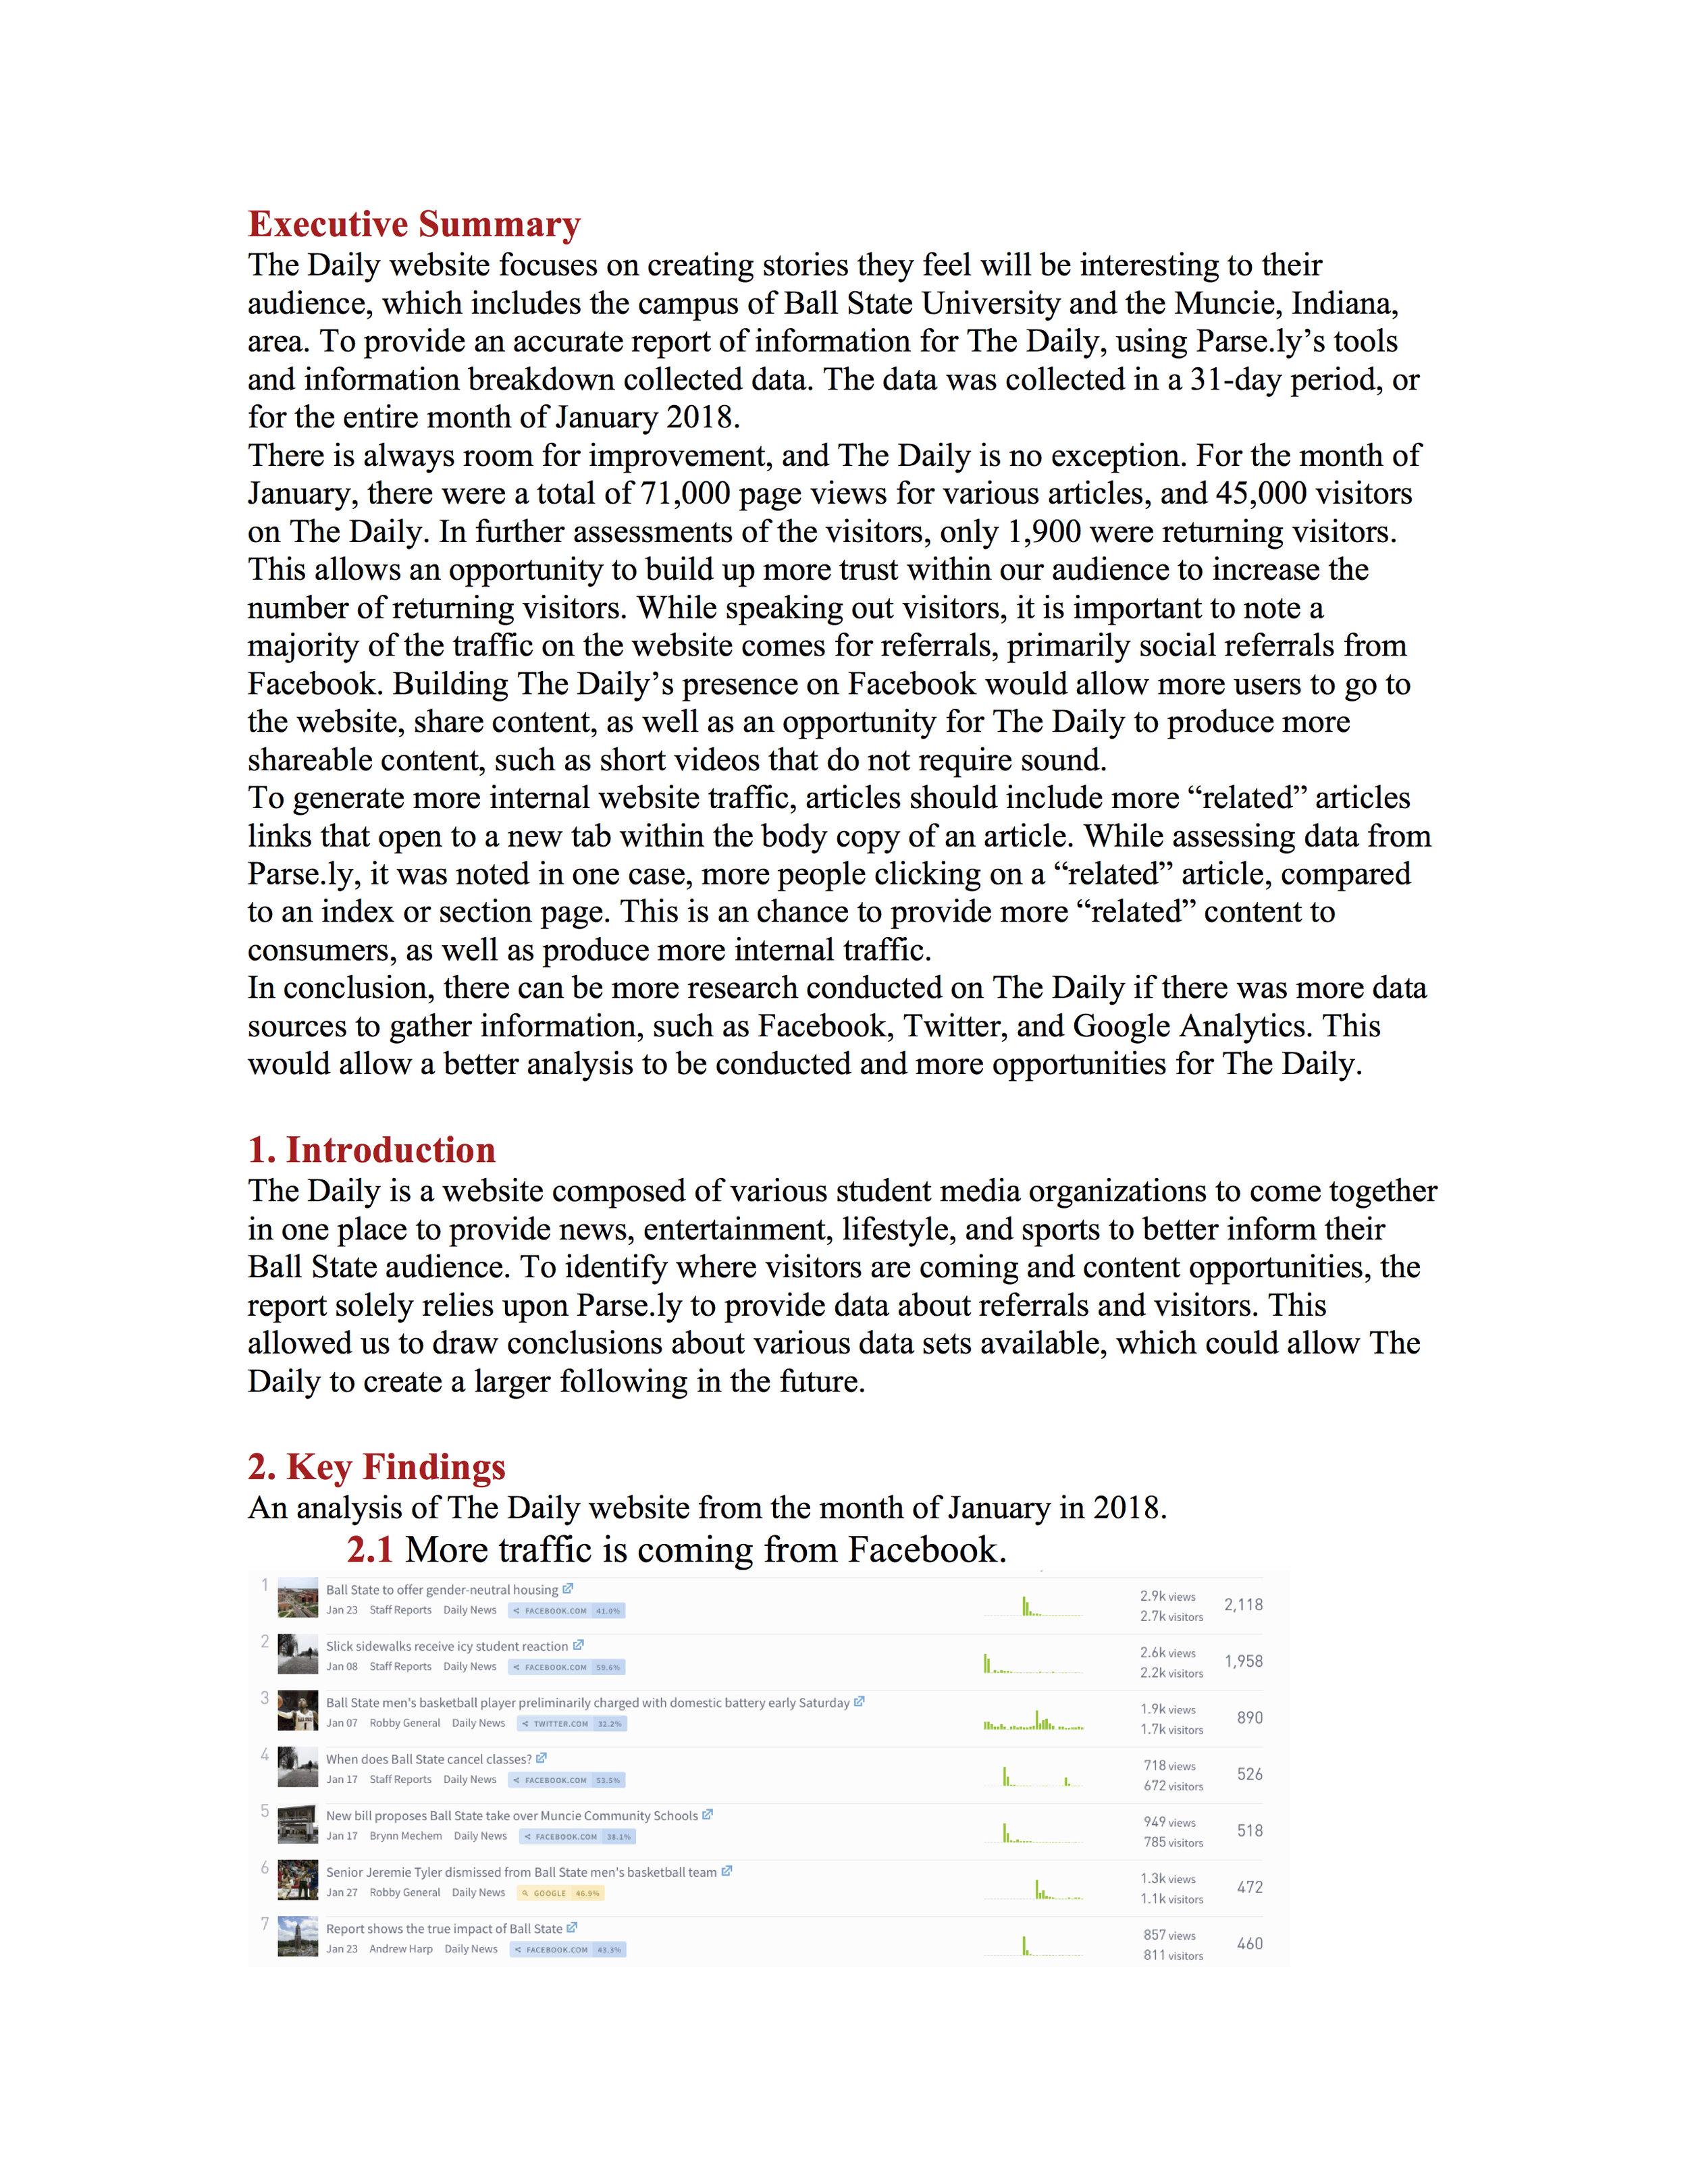 Daugherty_Jour651_Worksheet4_2.jpg